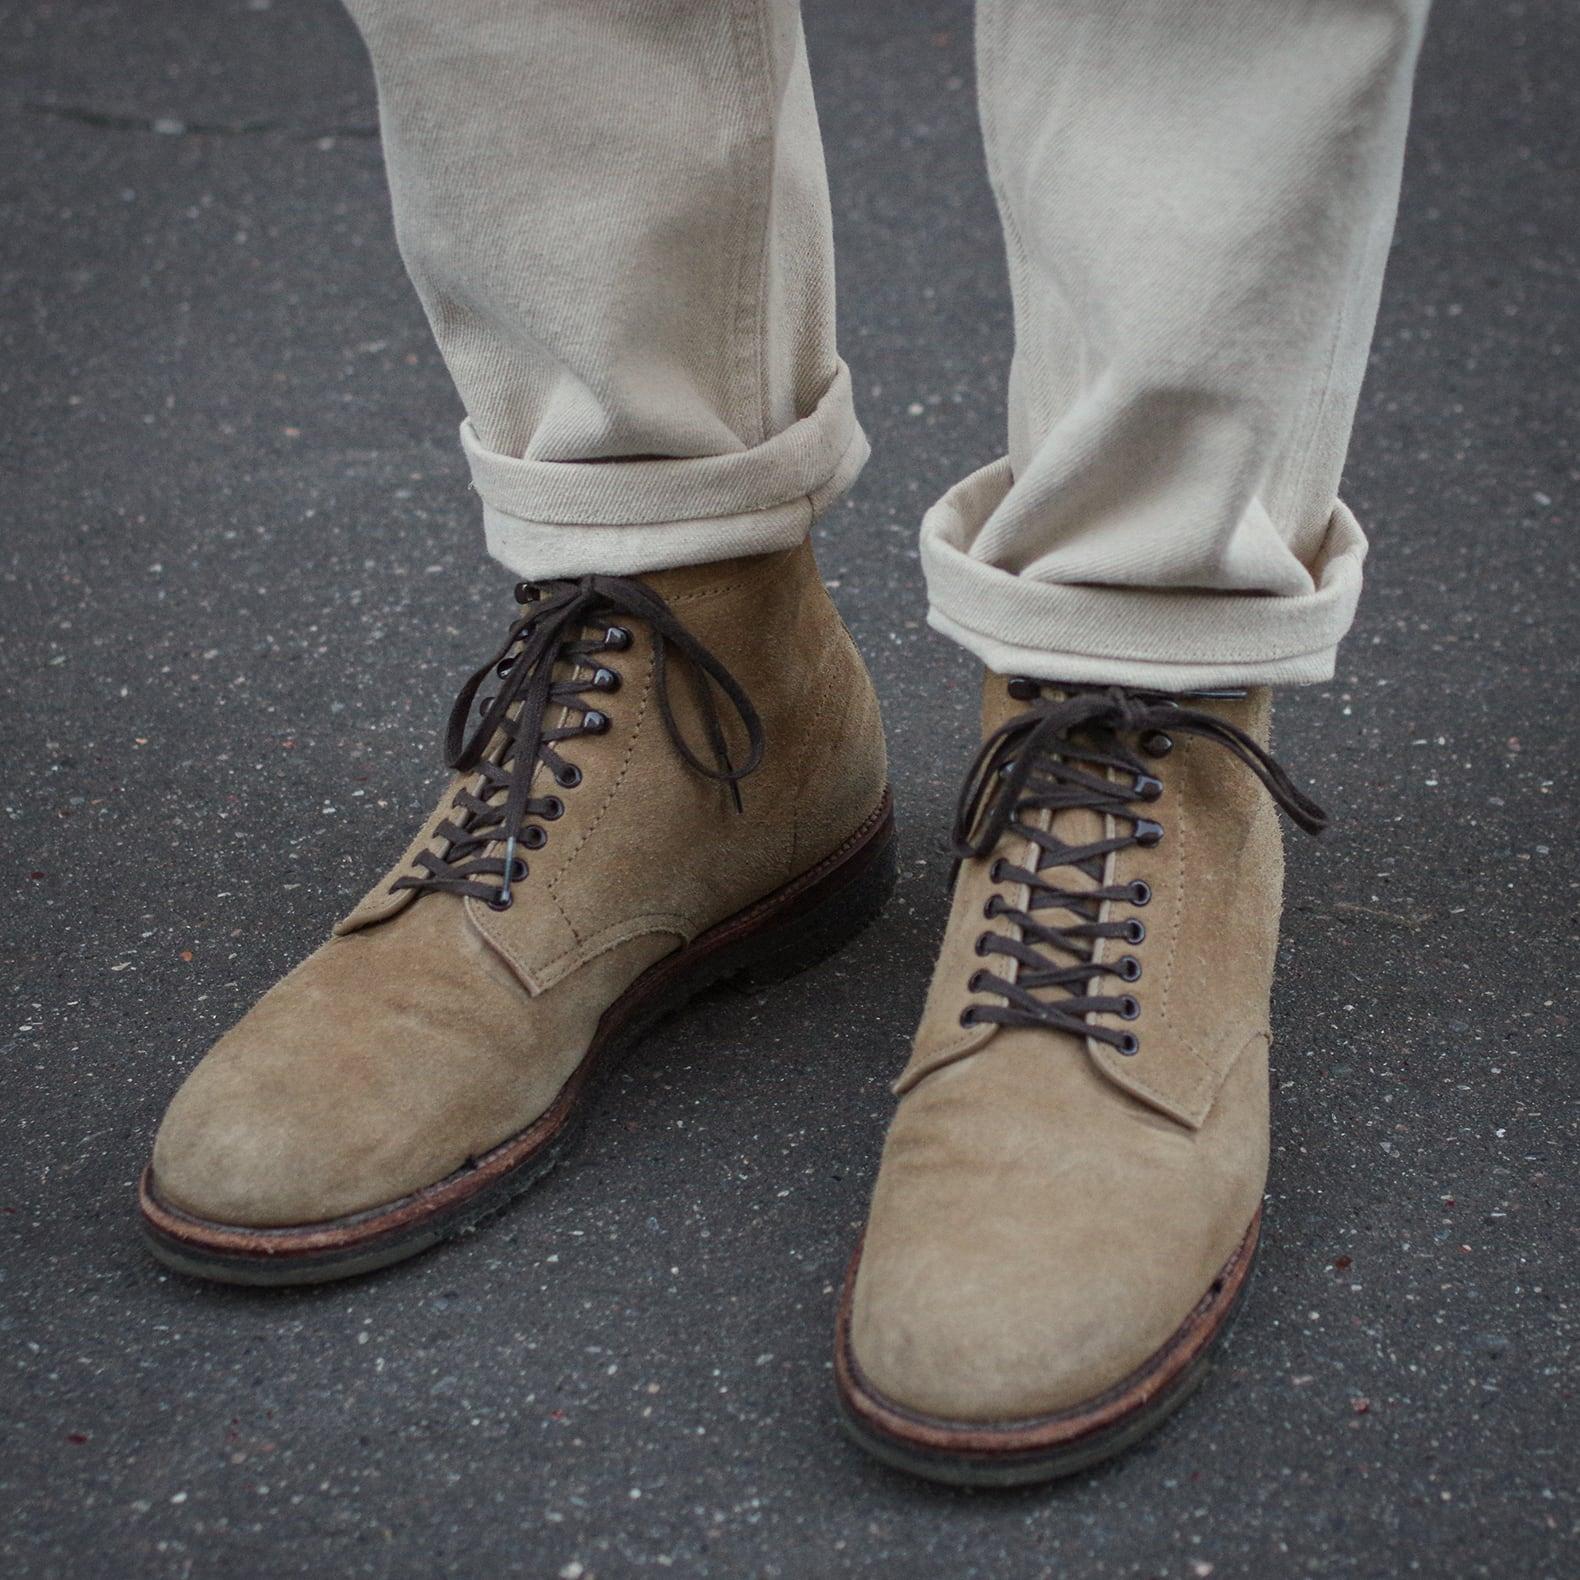 boots alden plain toe